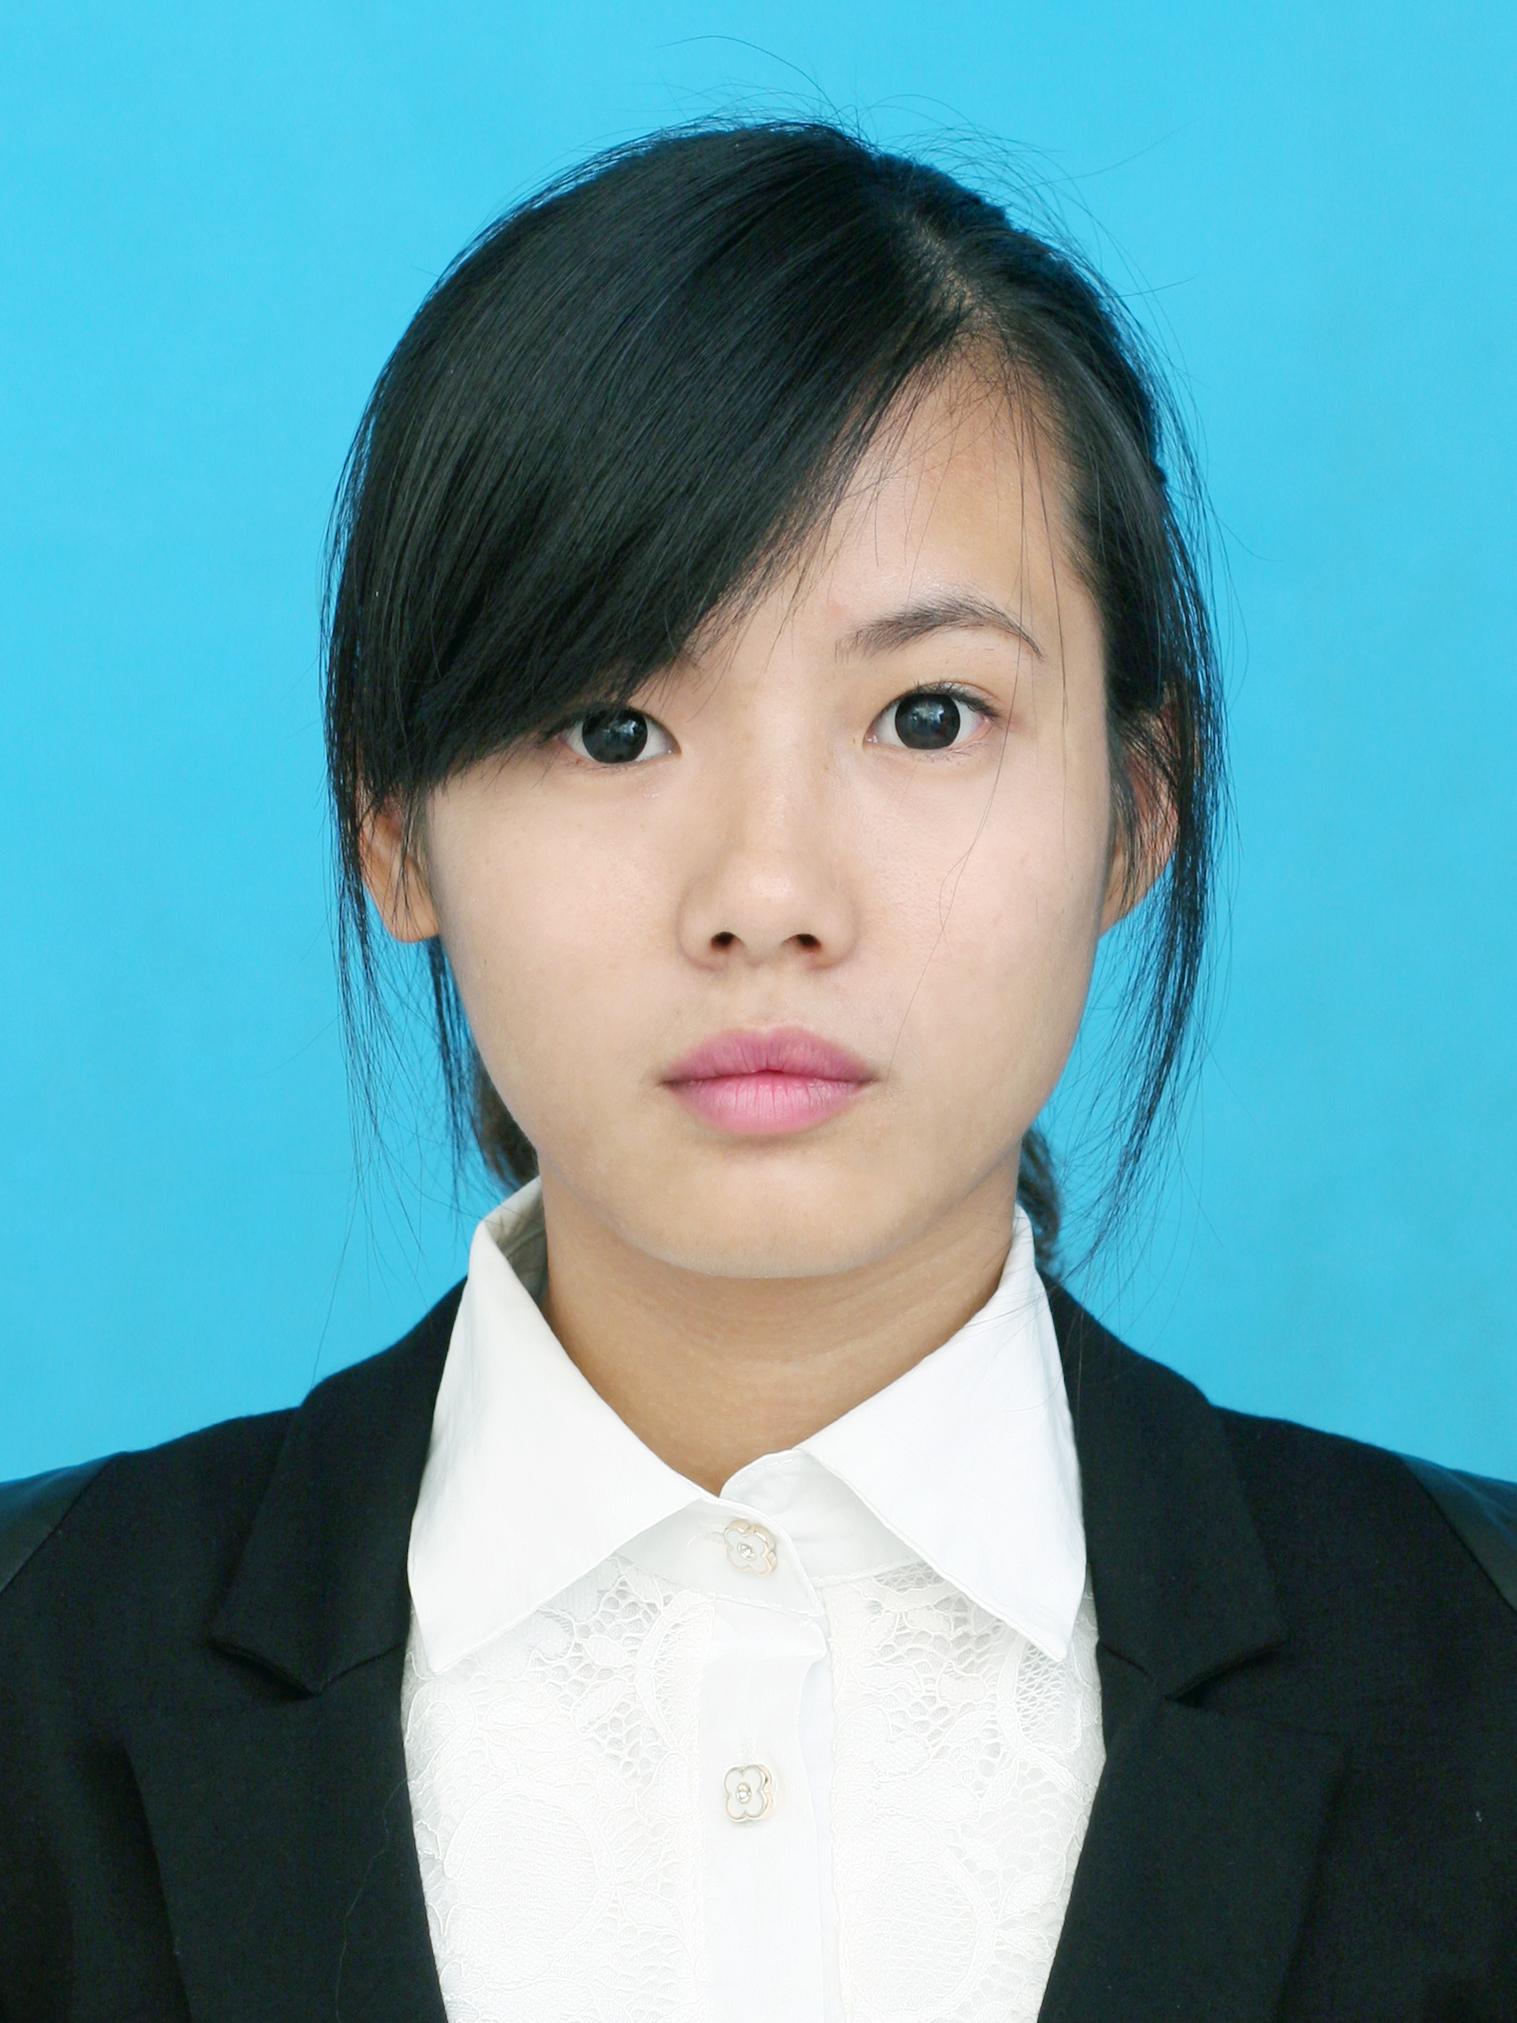 郑琼瑶的个人简历图片